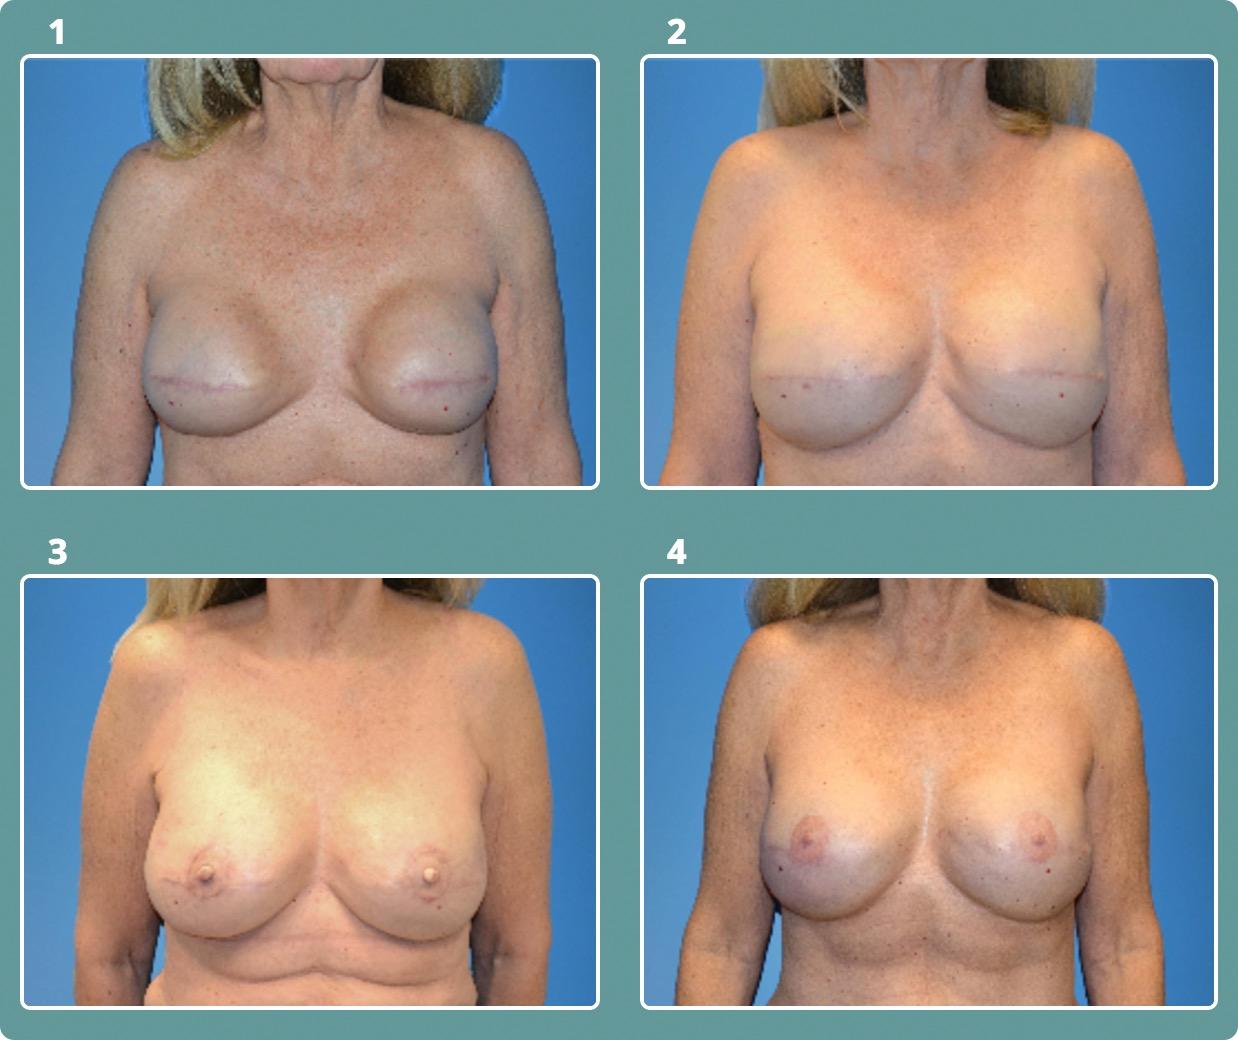 Patient 6, stages 1-4